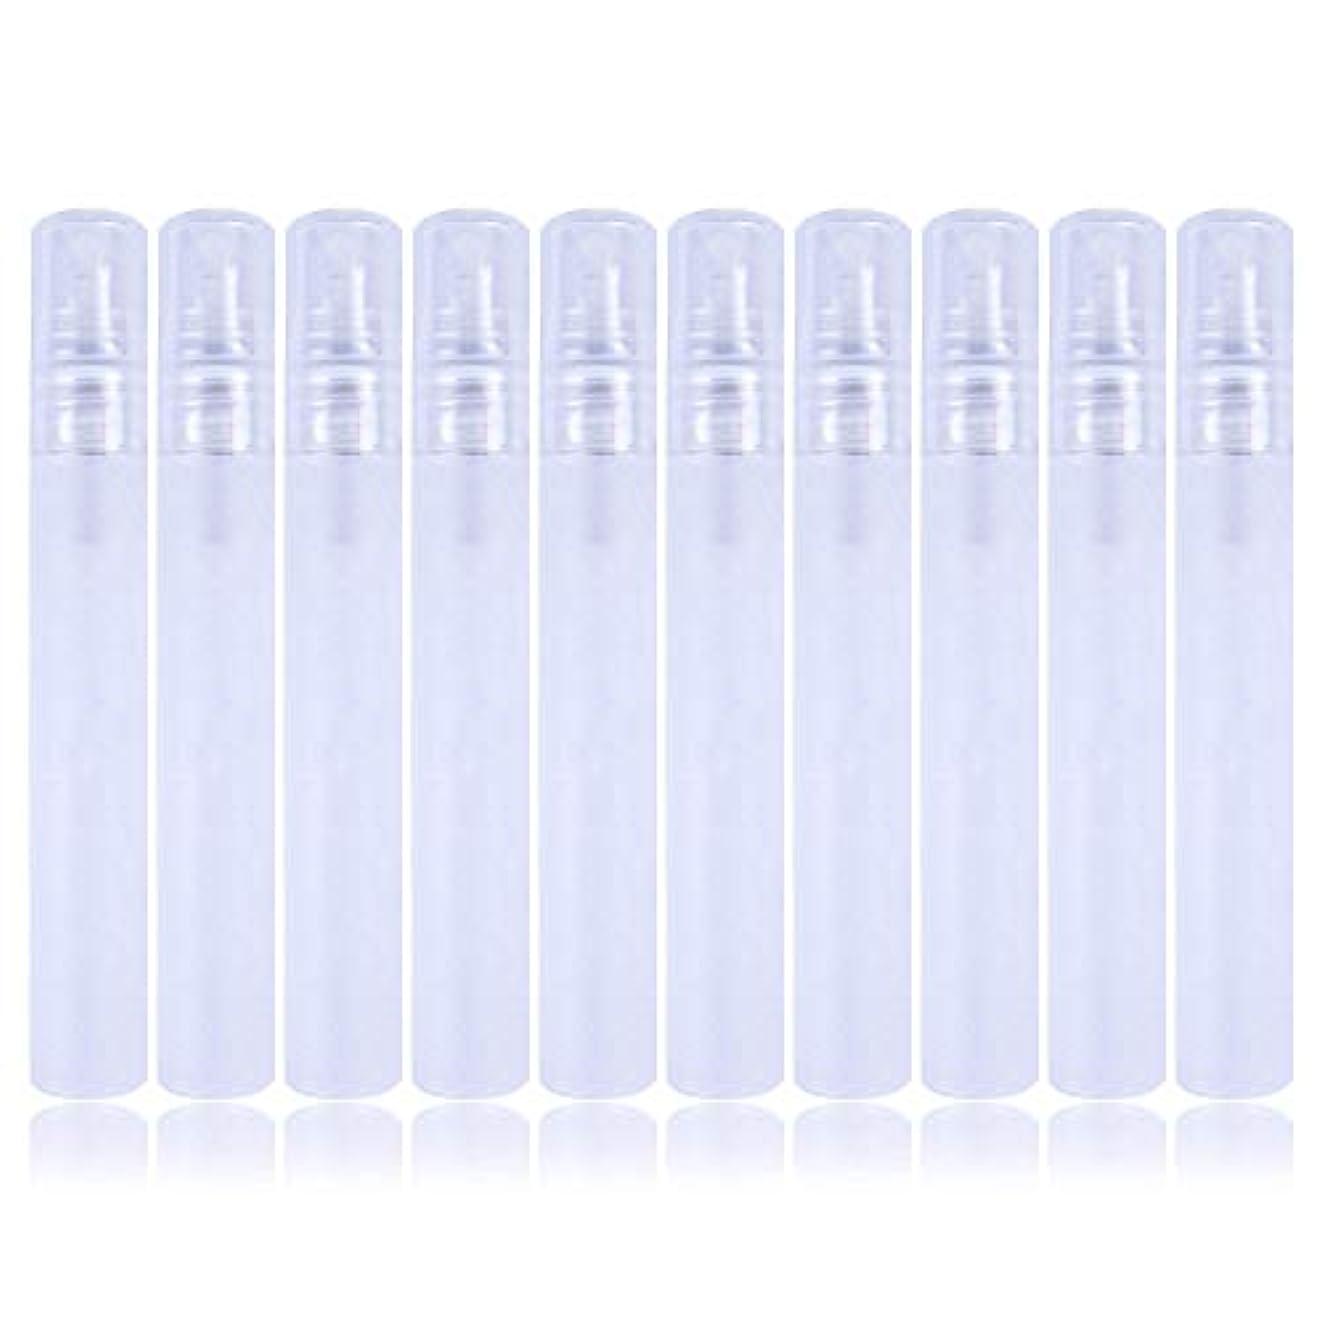 重要な役割を果たす、中心的な手段となる着飾る反発する10個入り 10ml 透明な白 プラスチックボトルスプレー ミニサンプルボトル 香水、トナーなどに使用されます